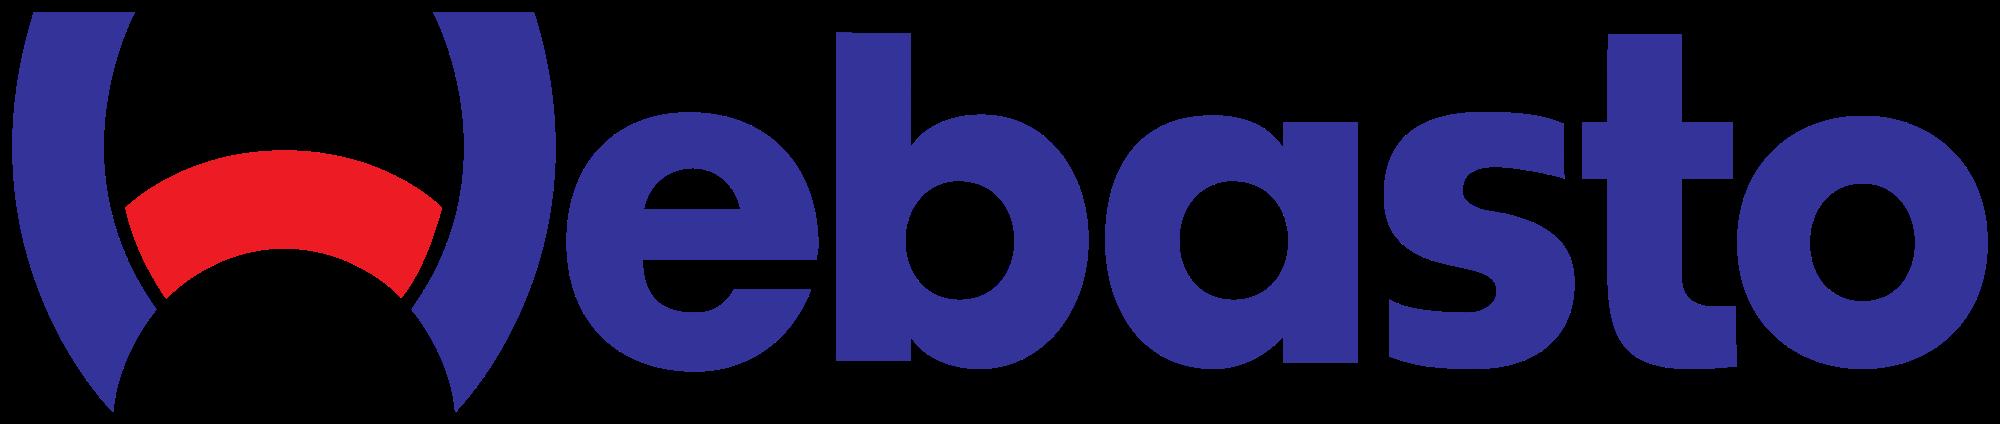 logo webasto techo solar canarias